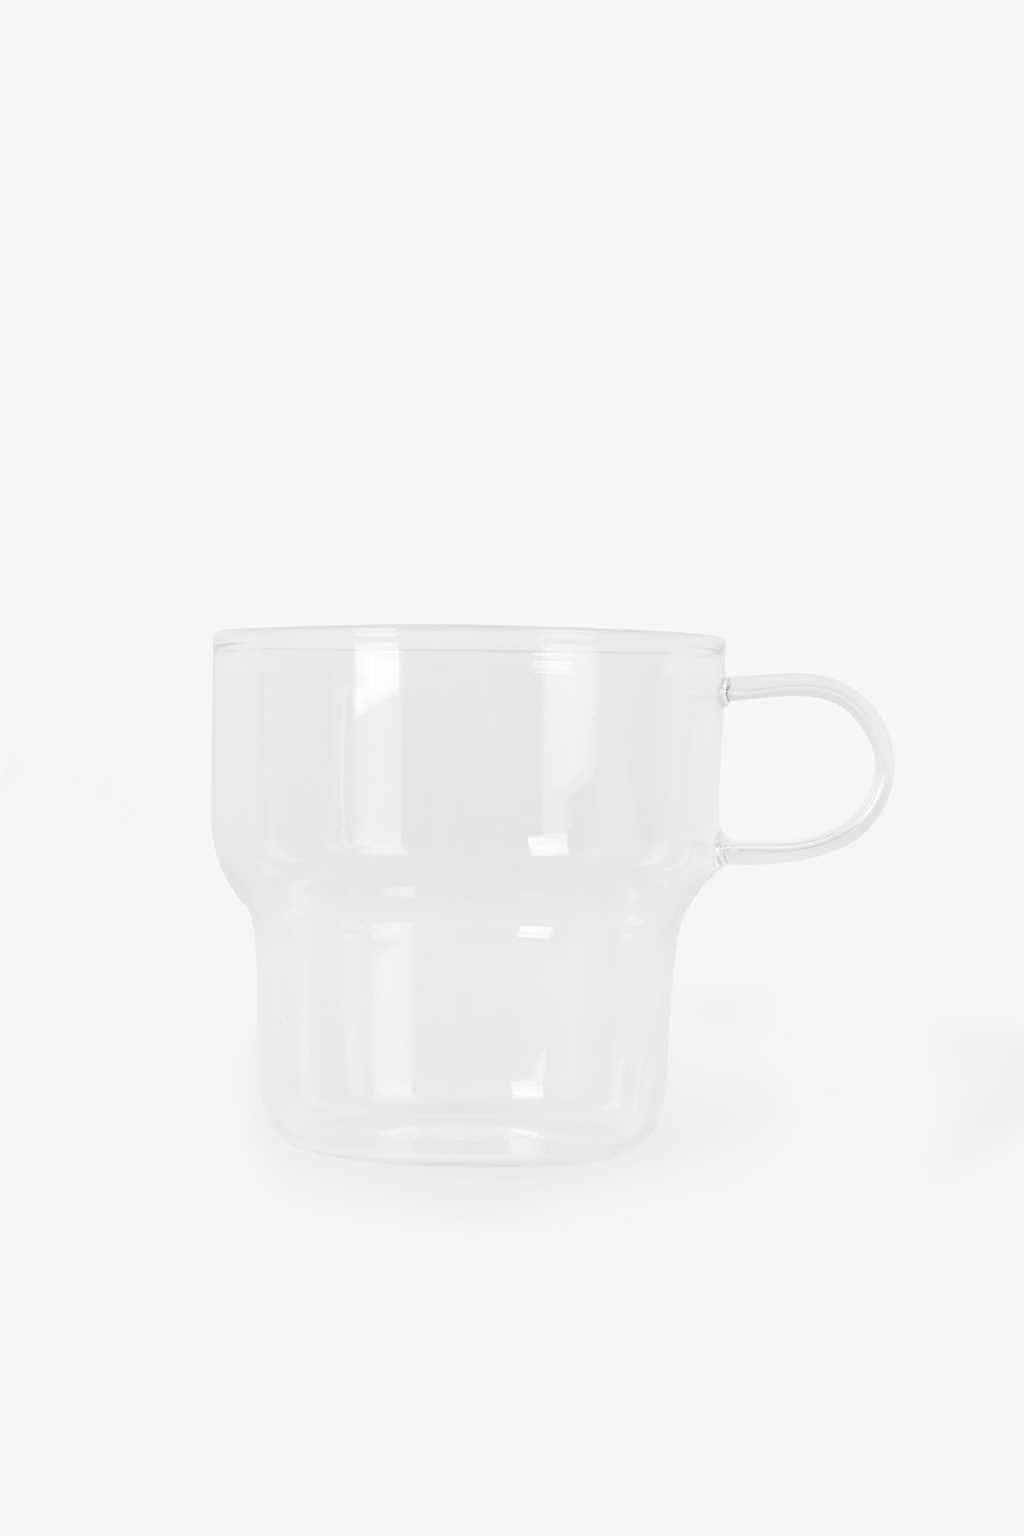 Clear Glass Mug 3135 White 4